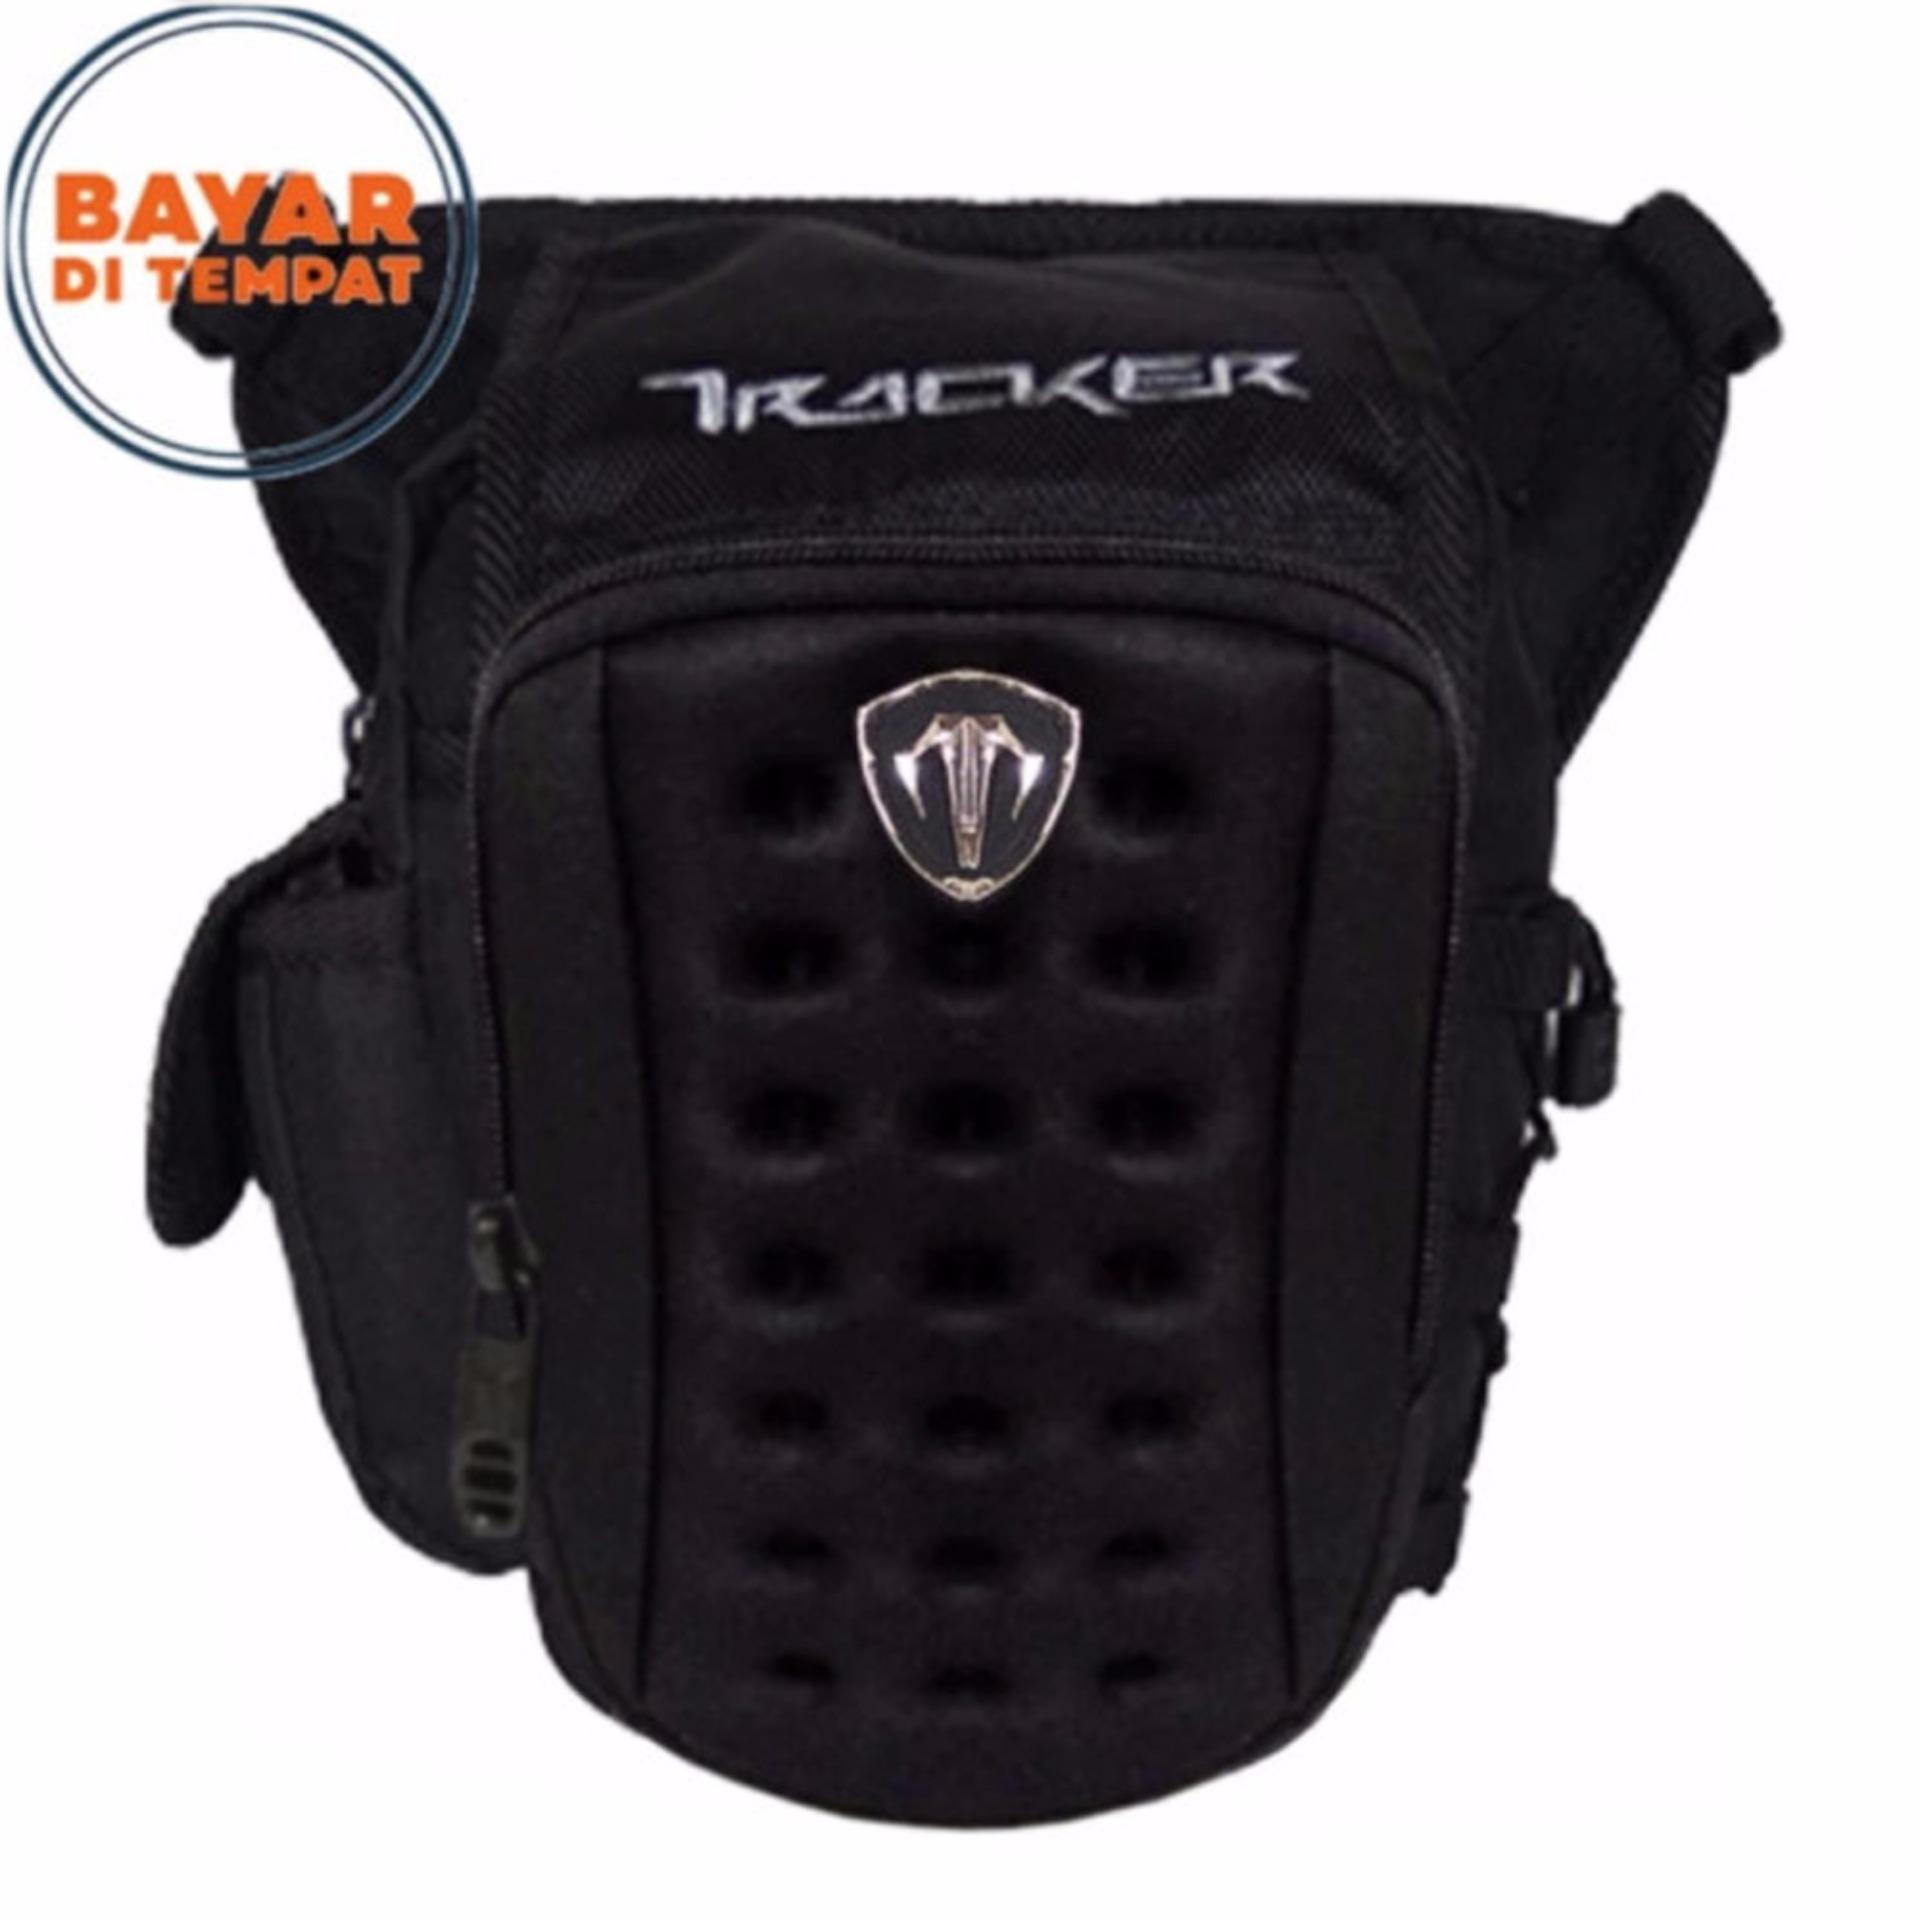 Spesifikasi Tracker Tas Selempang Tas Pinggang Tas Paha Embos 3In1 4215 8 Nylon Original Black Terbaik